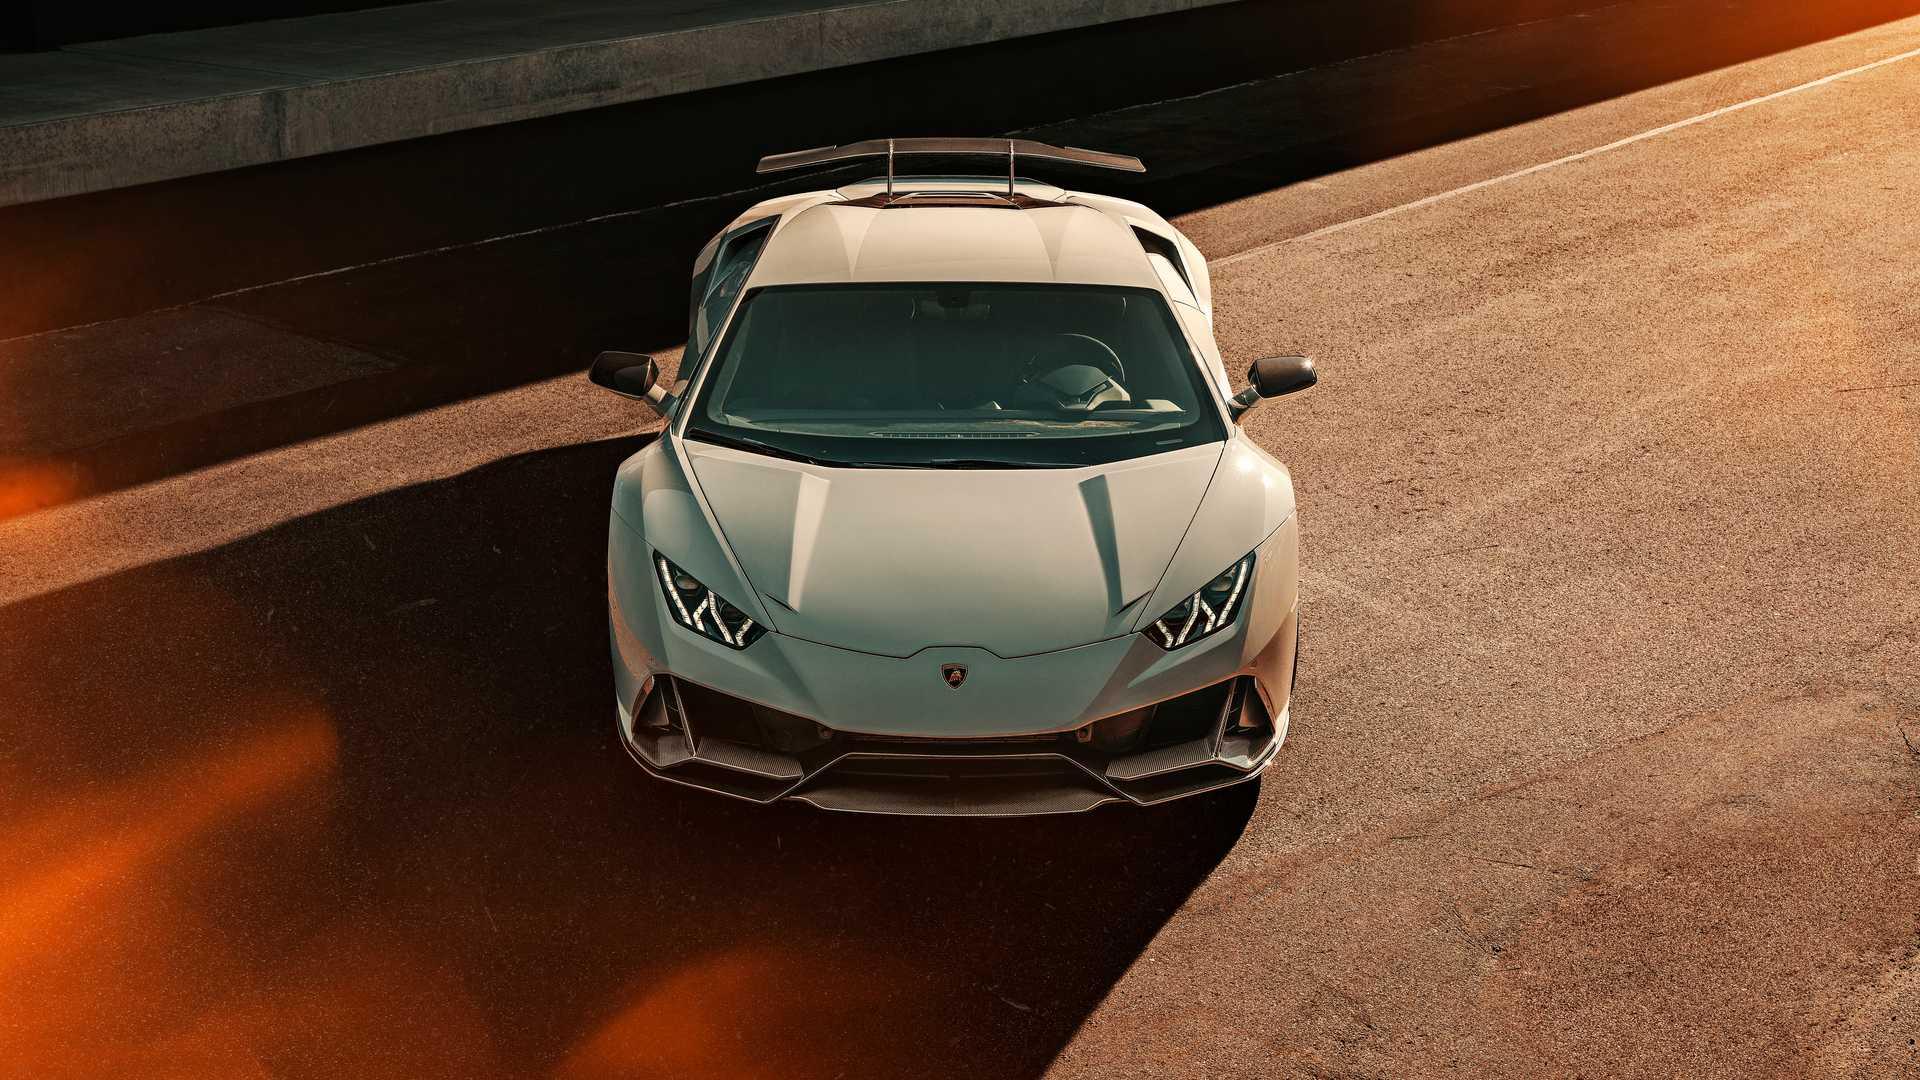 Lamborghini_Huracan_Evo_by_Novitec_0000